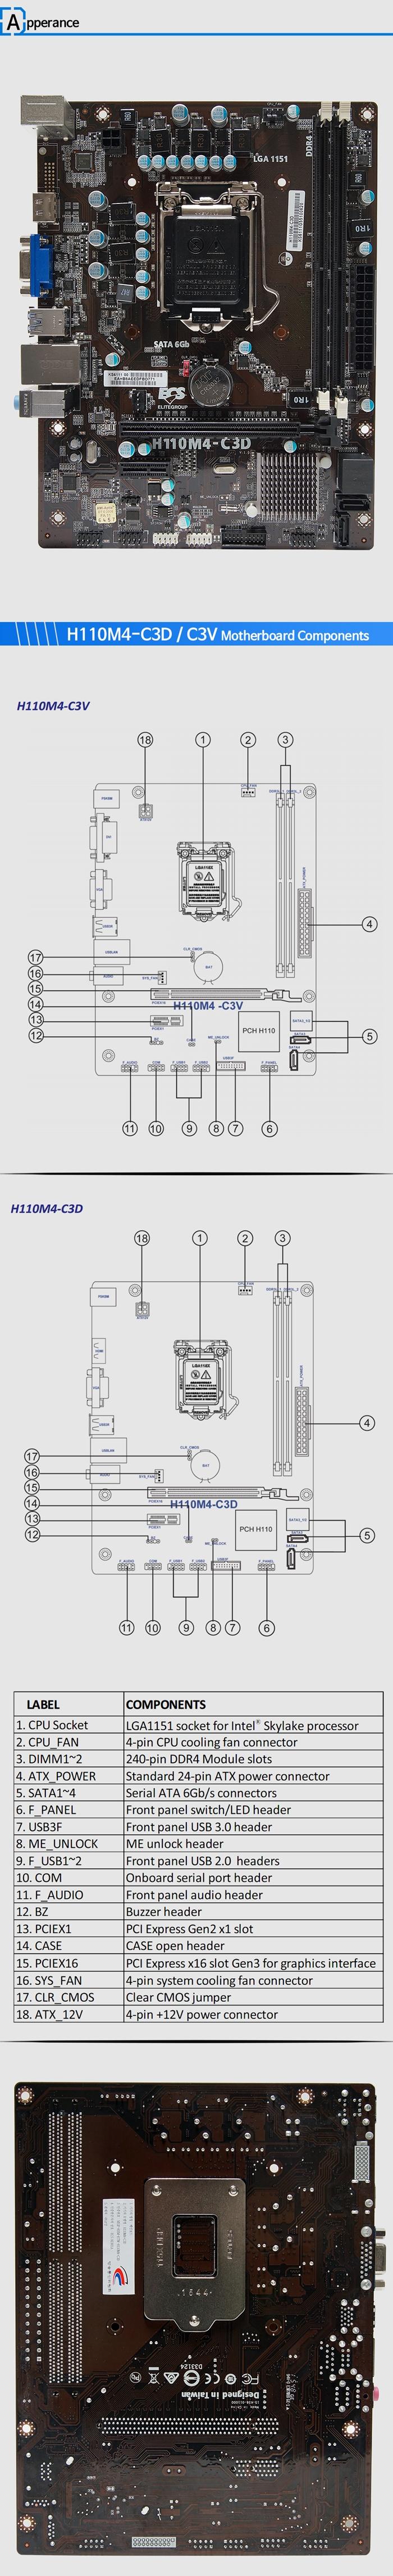 외형 DURATHON2 H110M4-C3V C3D.jpg